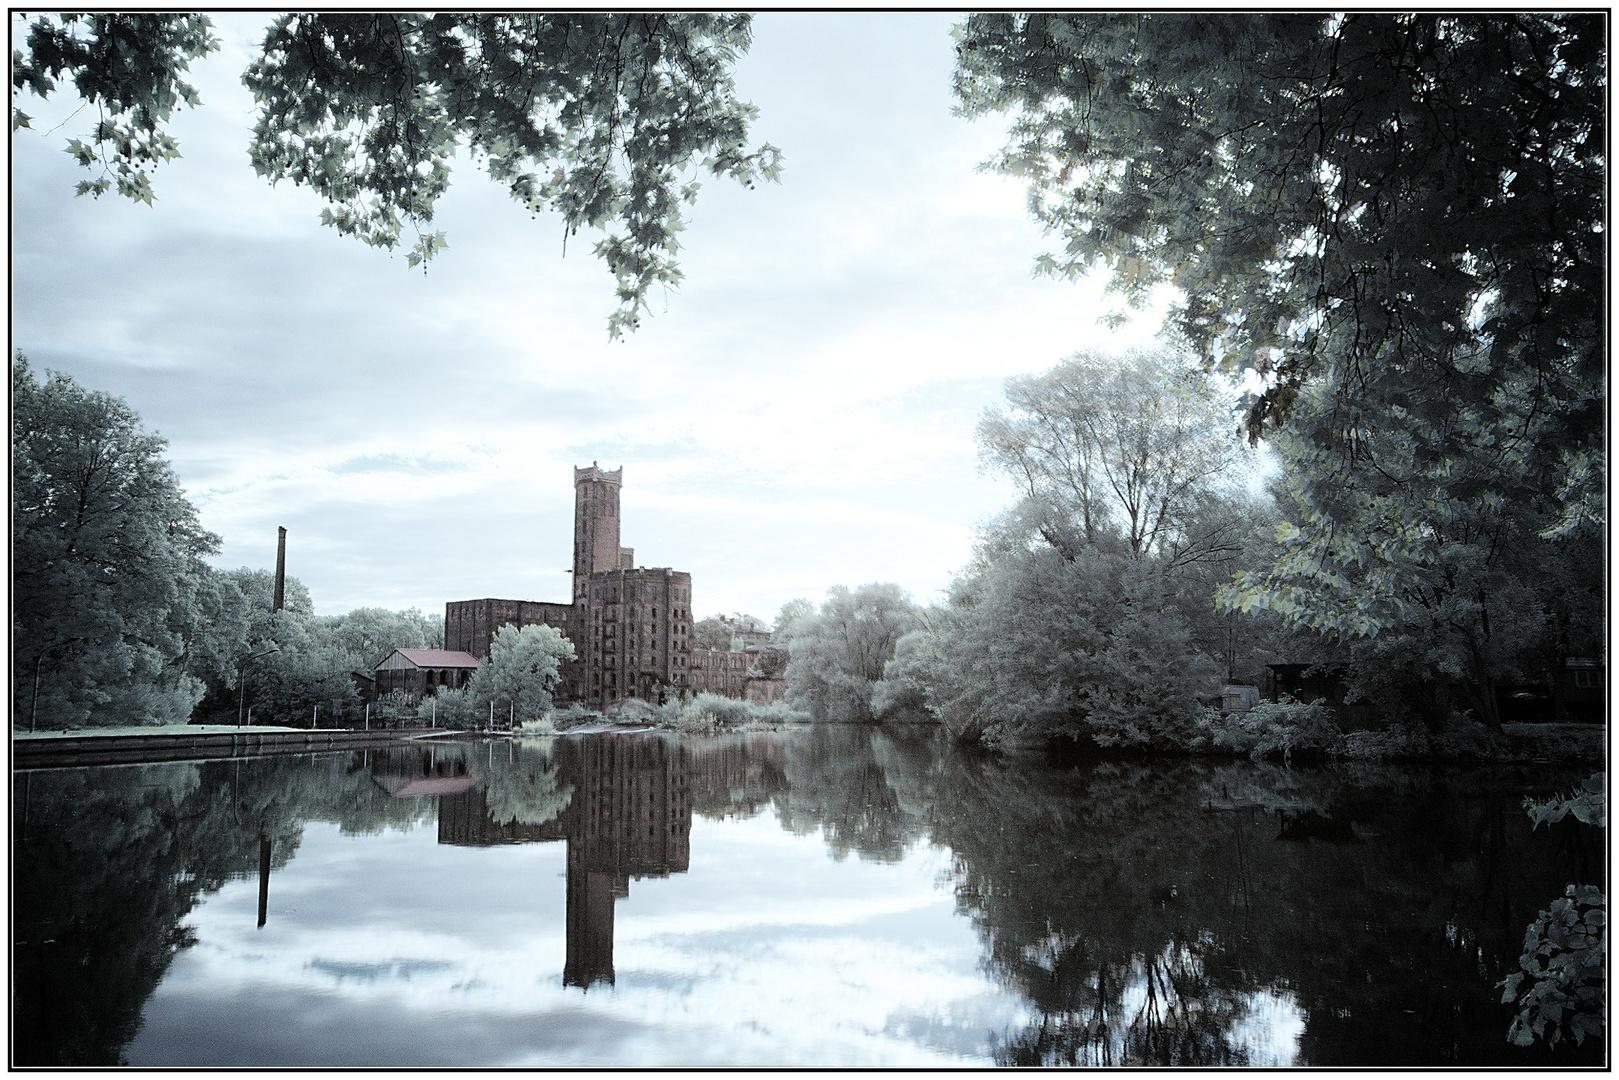 alte Mühle am Fluss